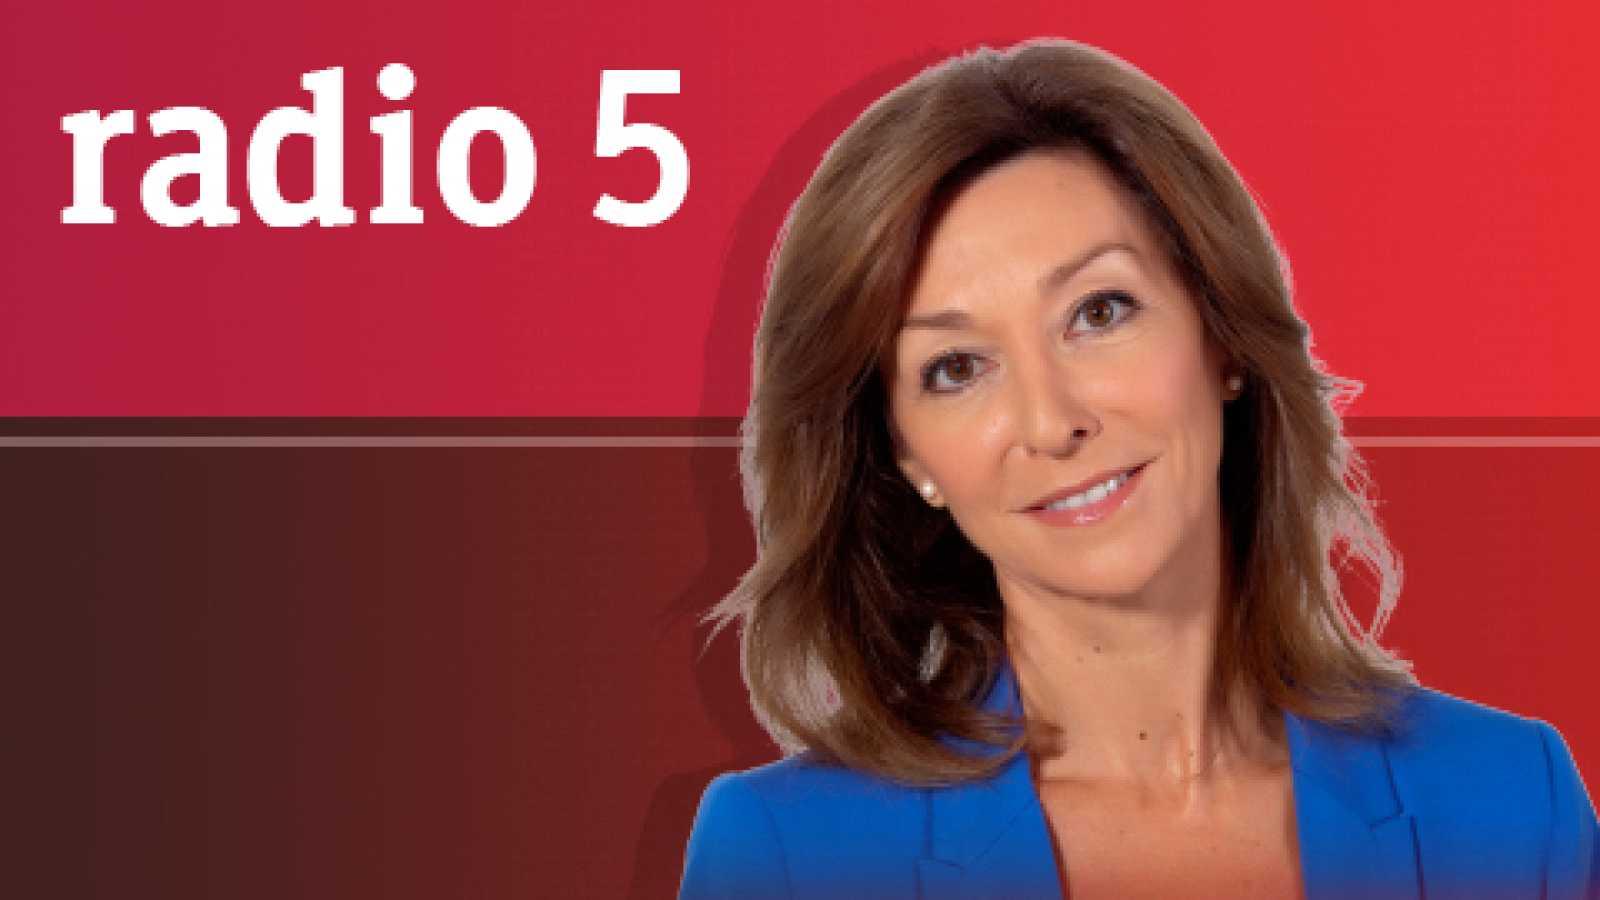 De película en Radio 5 - A la cartelera llegan grandes películas que han participado en el festival de San Sebastián - 02/10/20 - Escuchar ahora